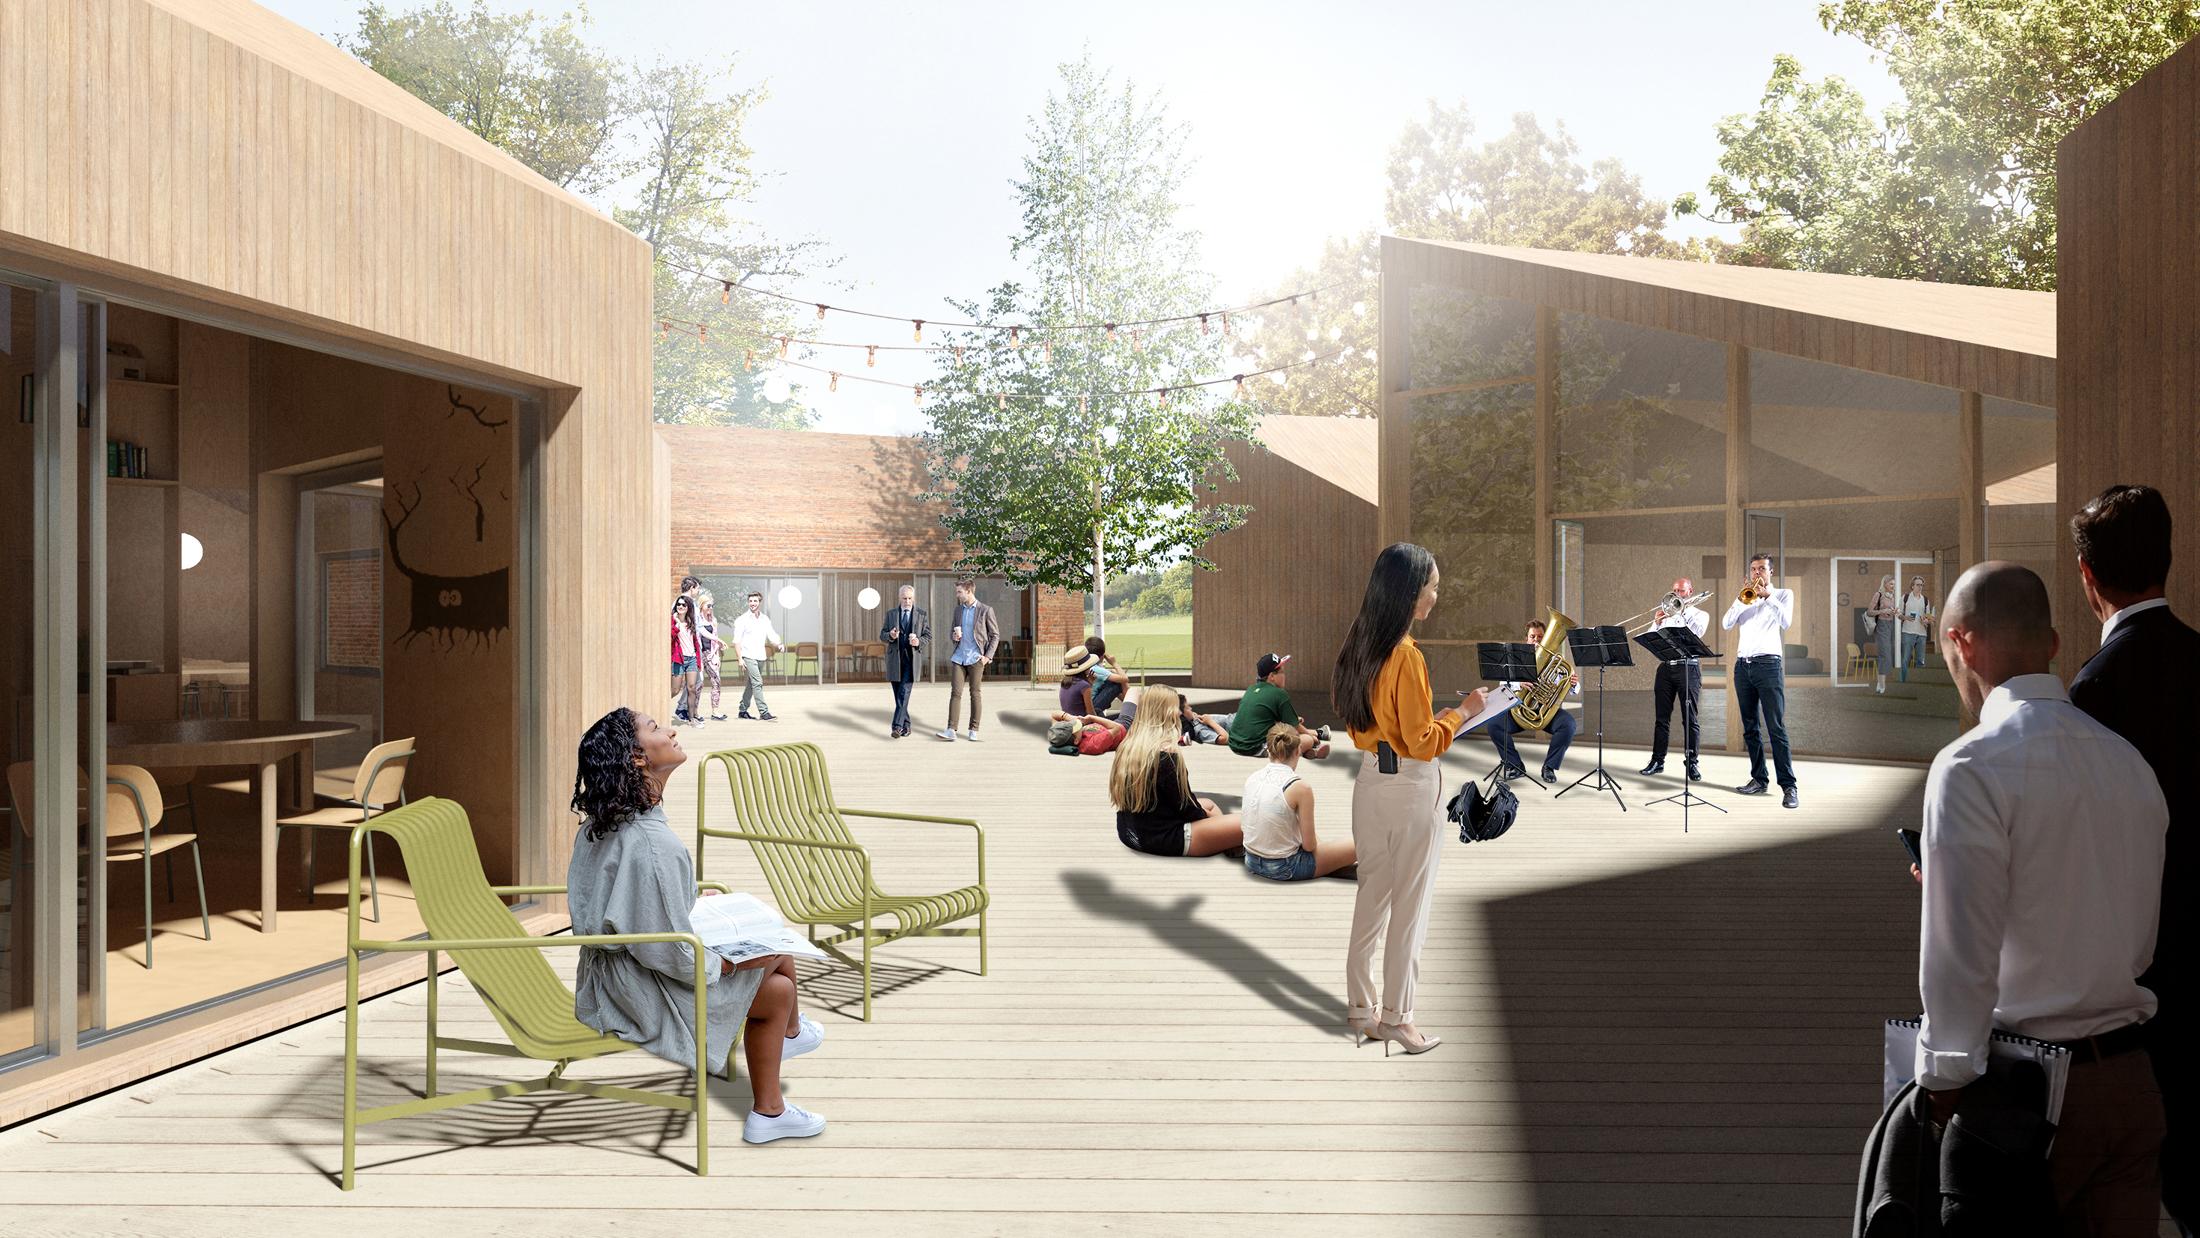 CSR Reggesteyn school campus, designed by NOAHH | Network Oriented Architecture